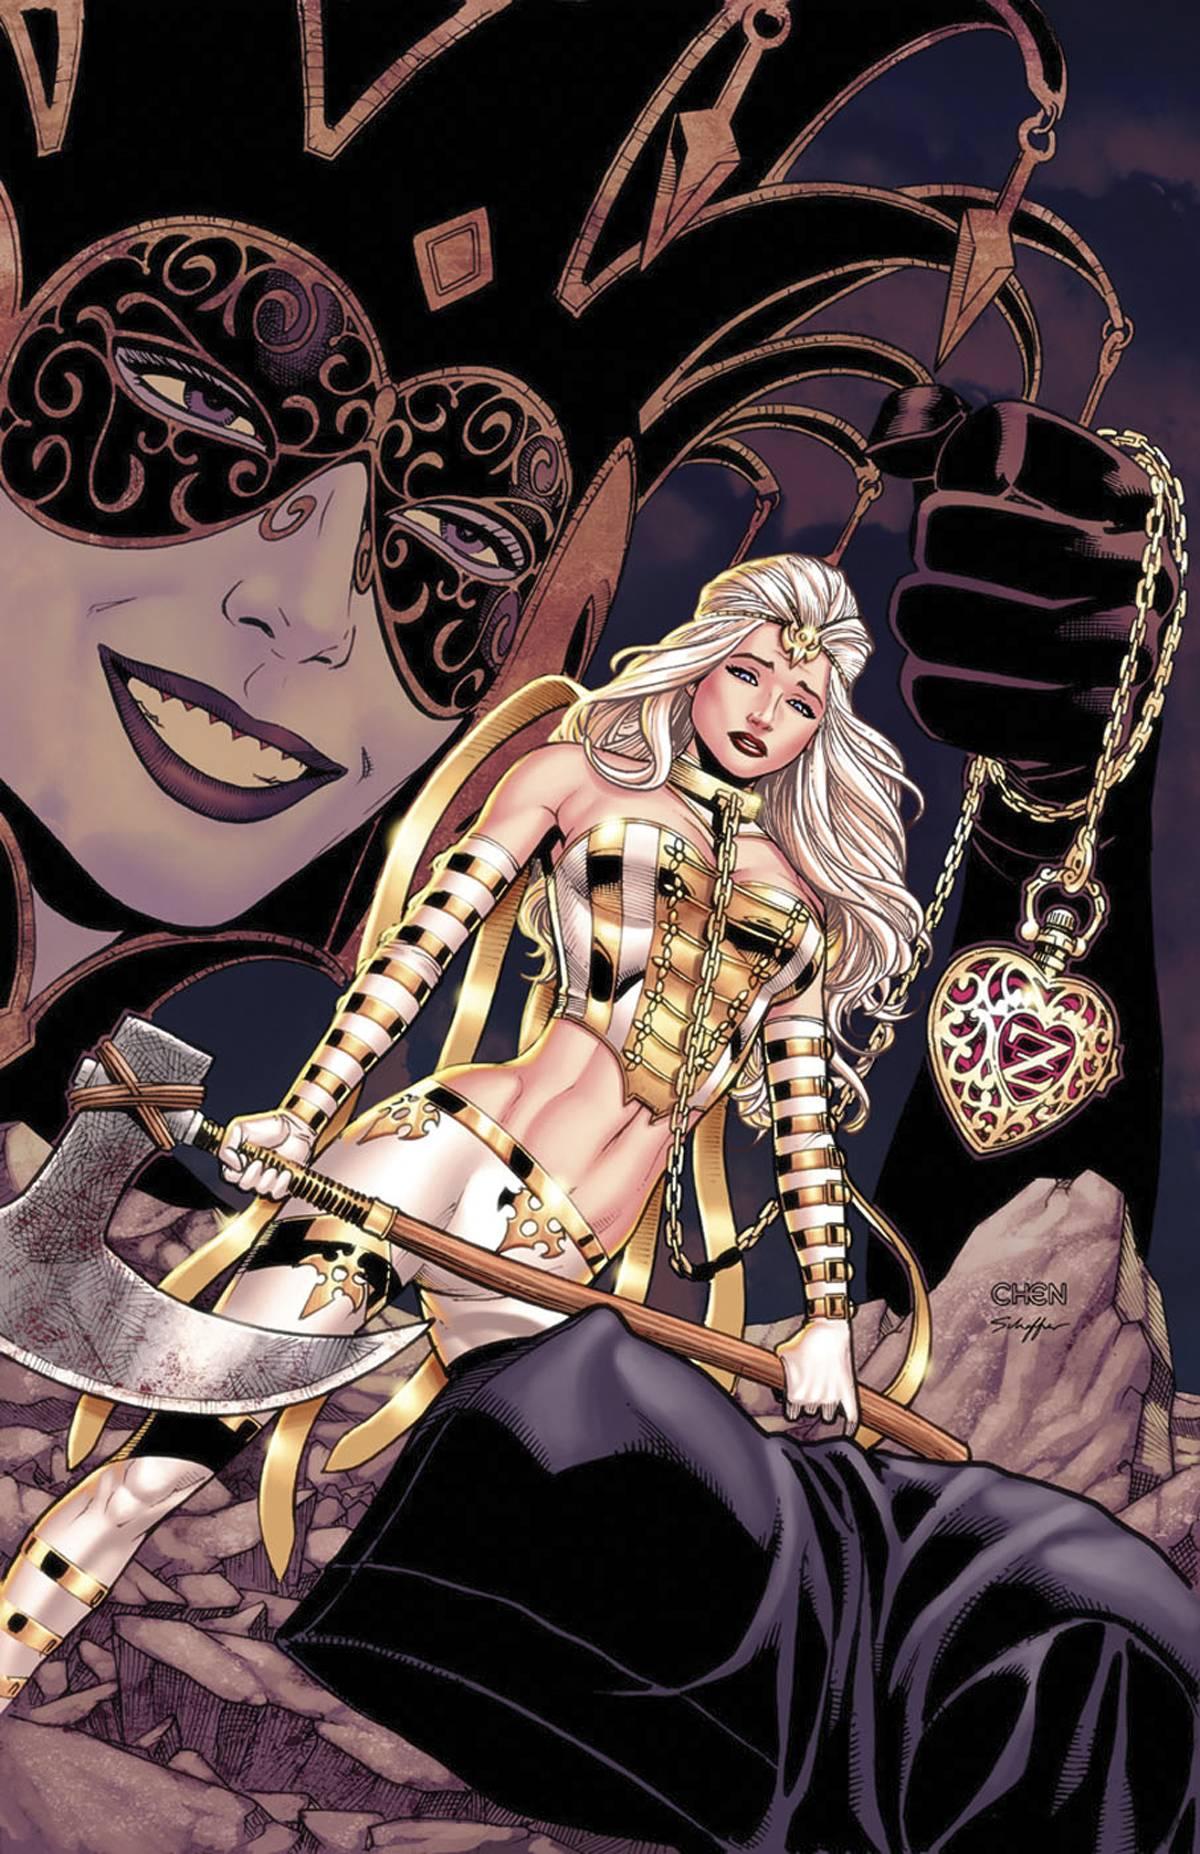 Grimm Fairy Tales Presents White Queen Vol 1 1 | Zenescope